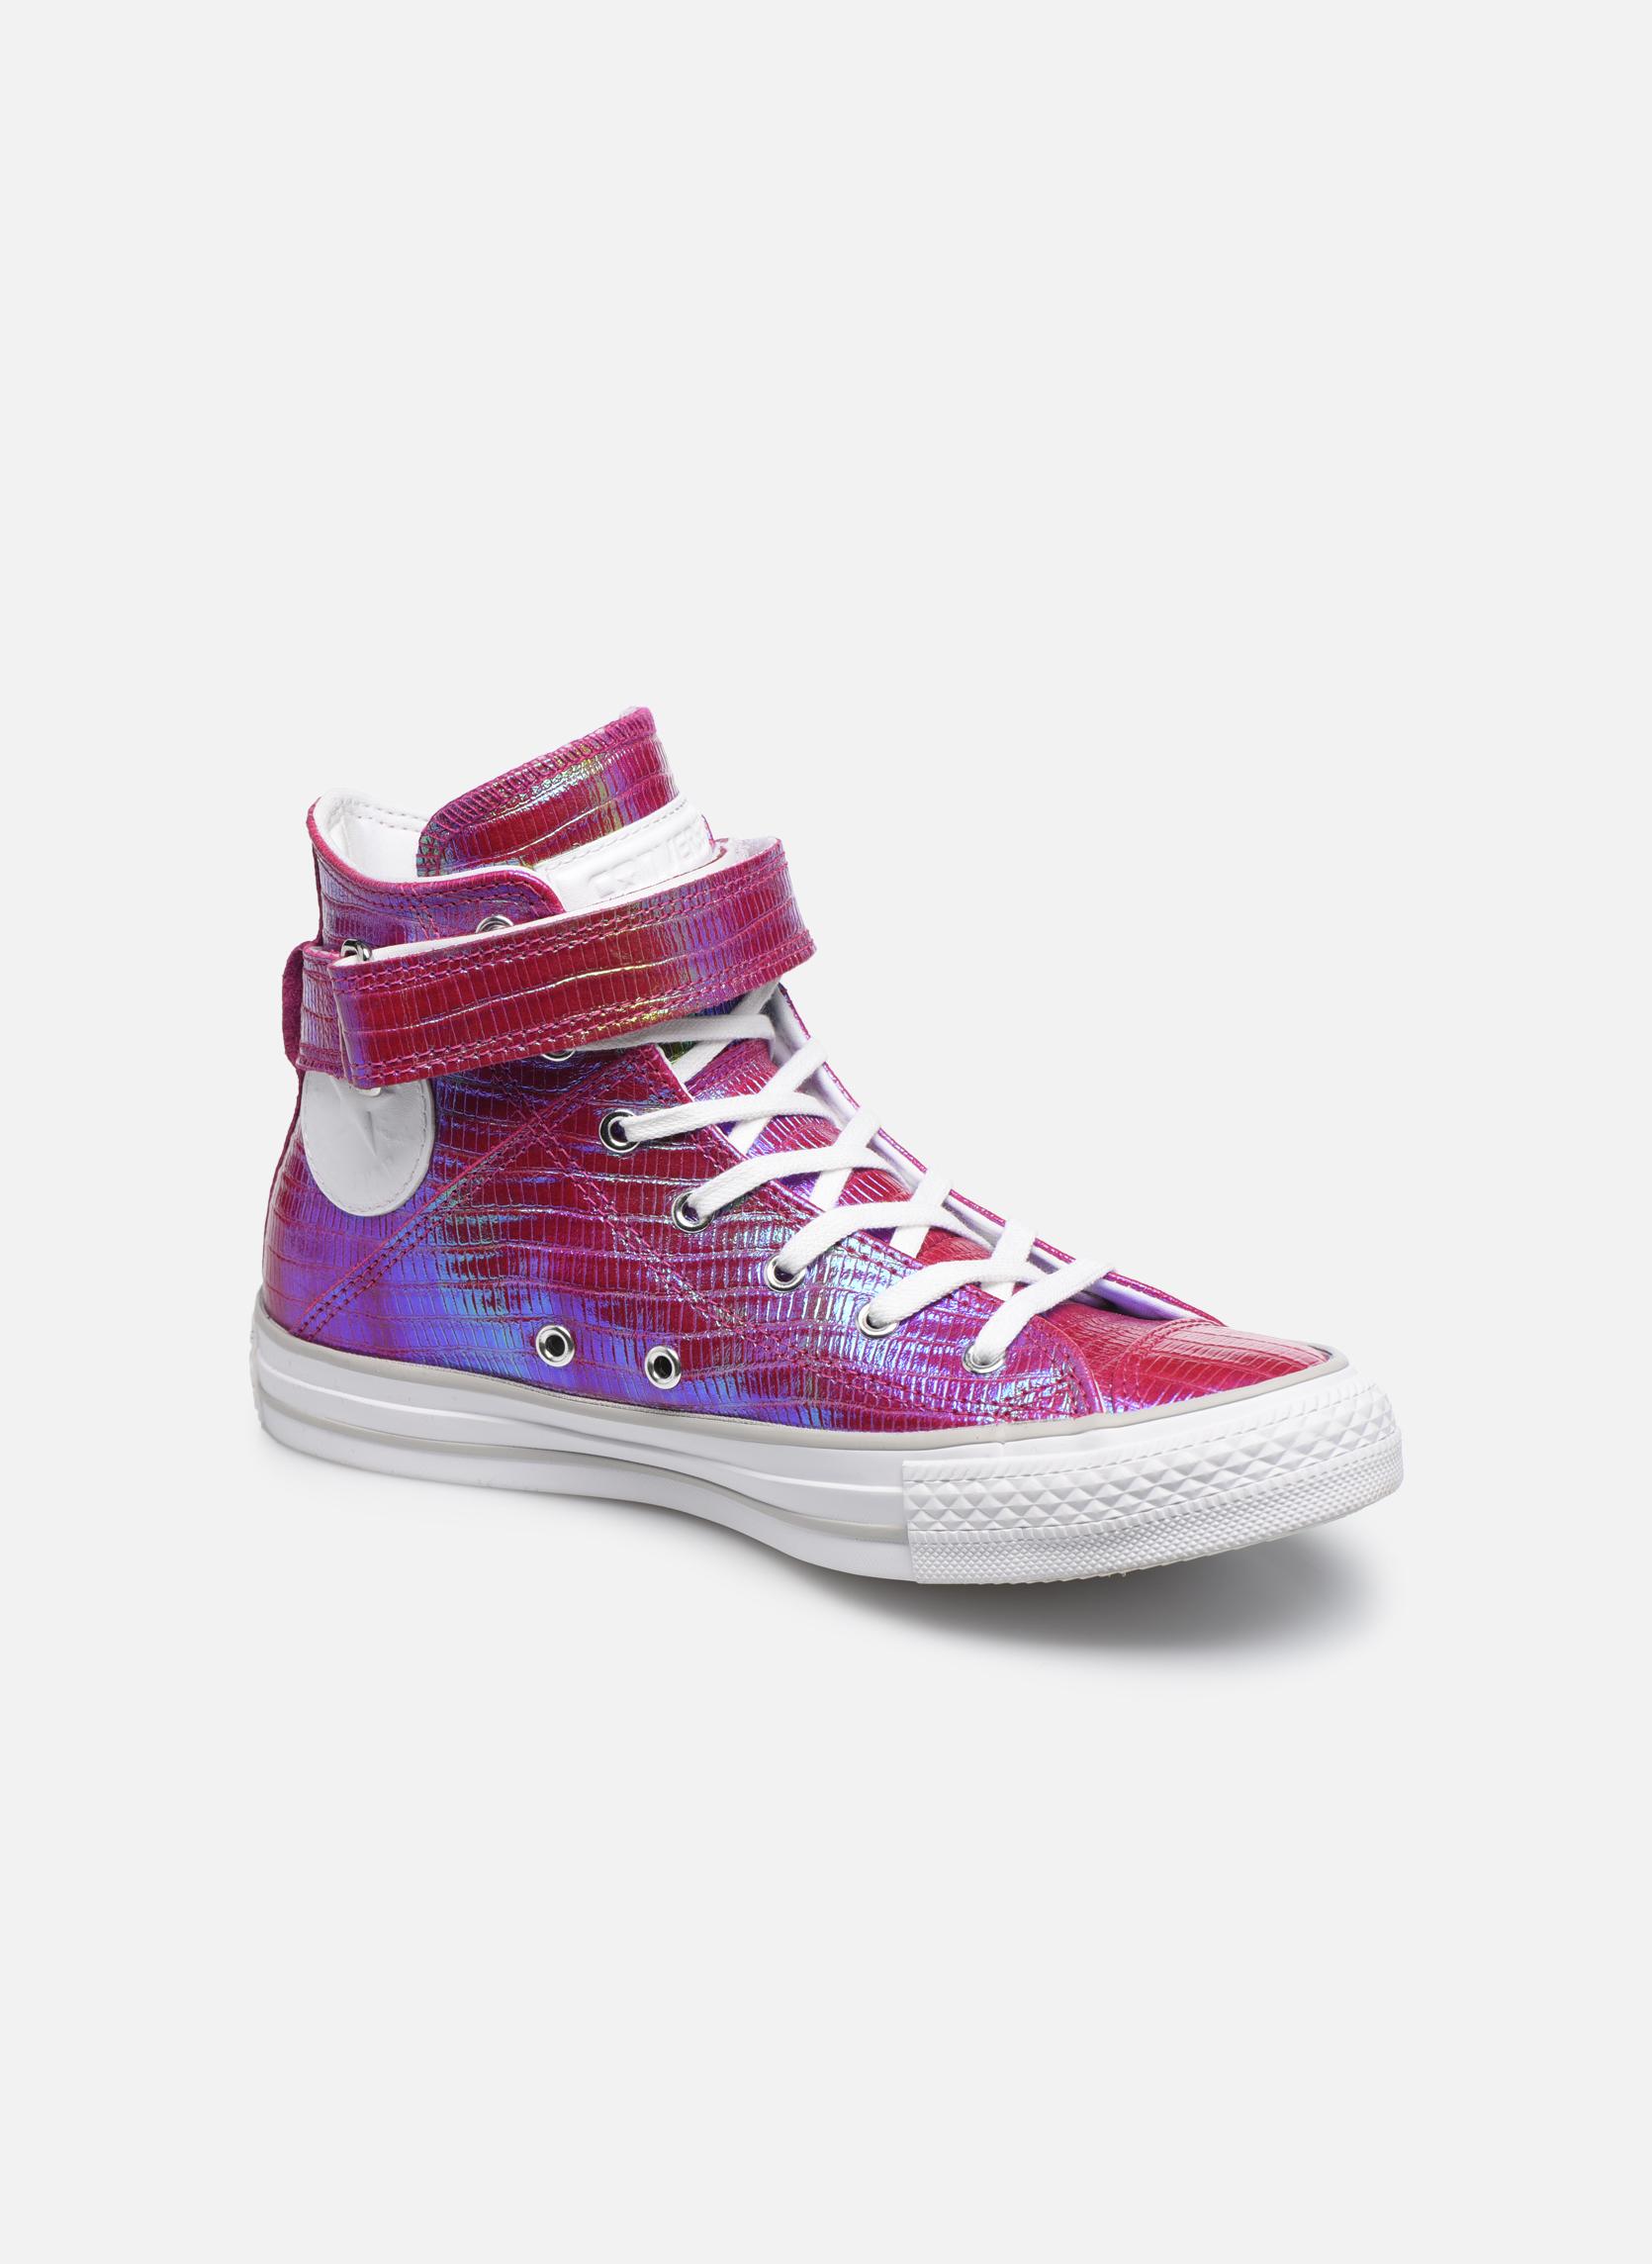 Grandes descuentos últimos zapatos Converse Chuck Taylor All Star Brea Hi W (Rosa) - Deportivas Descuento